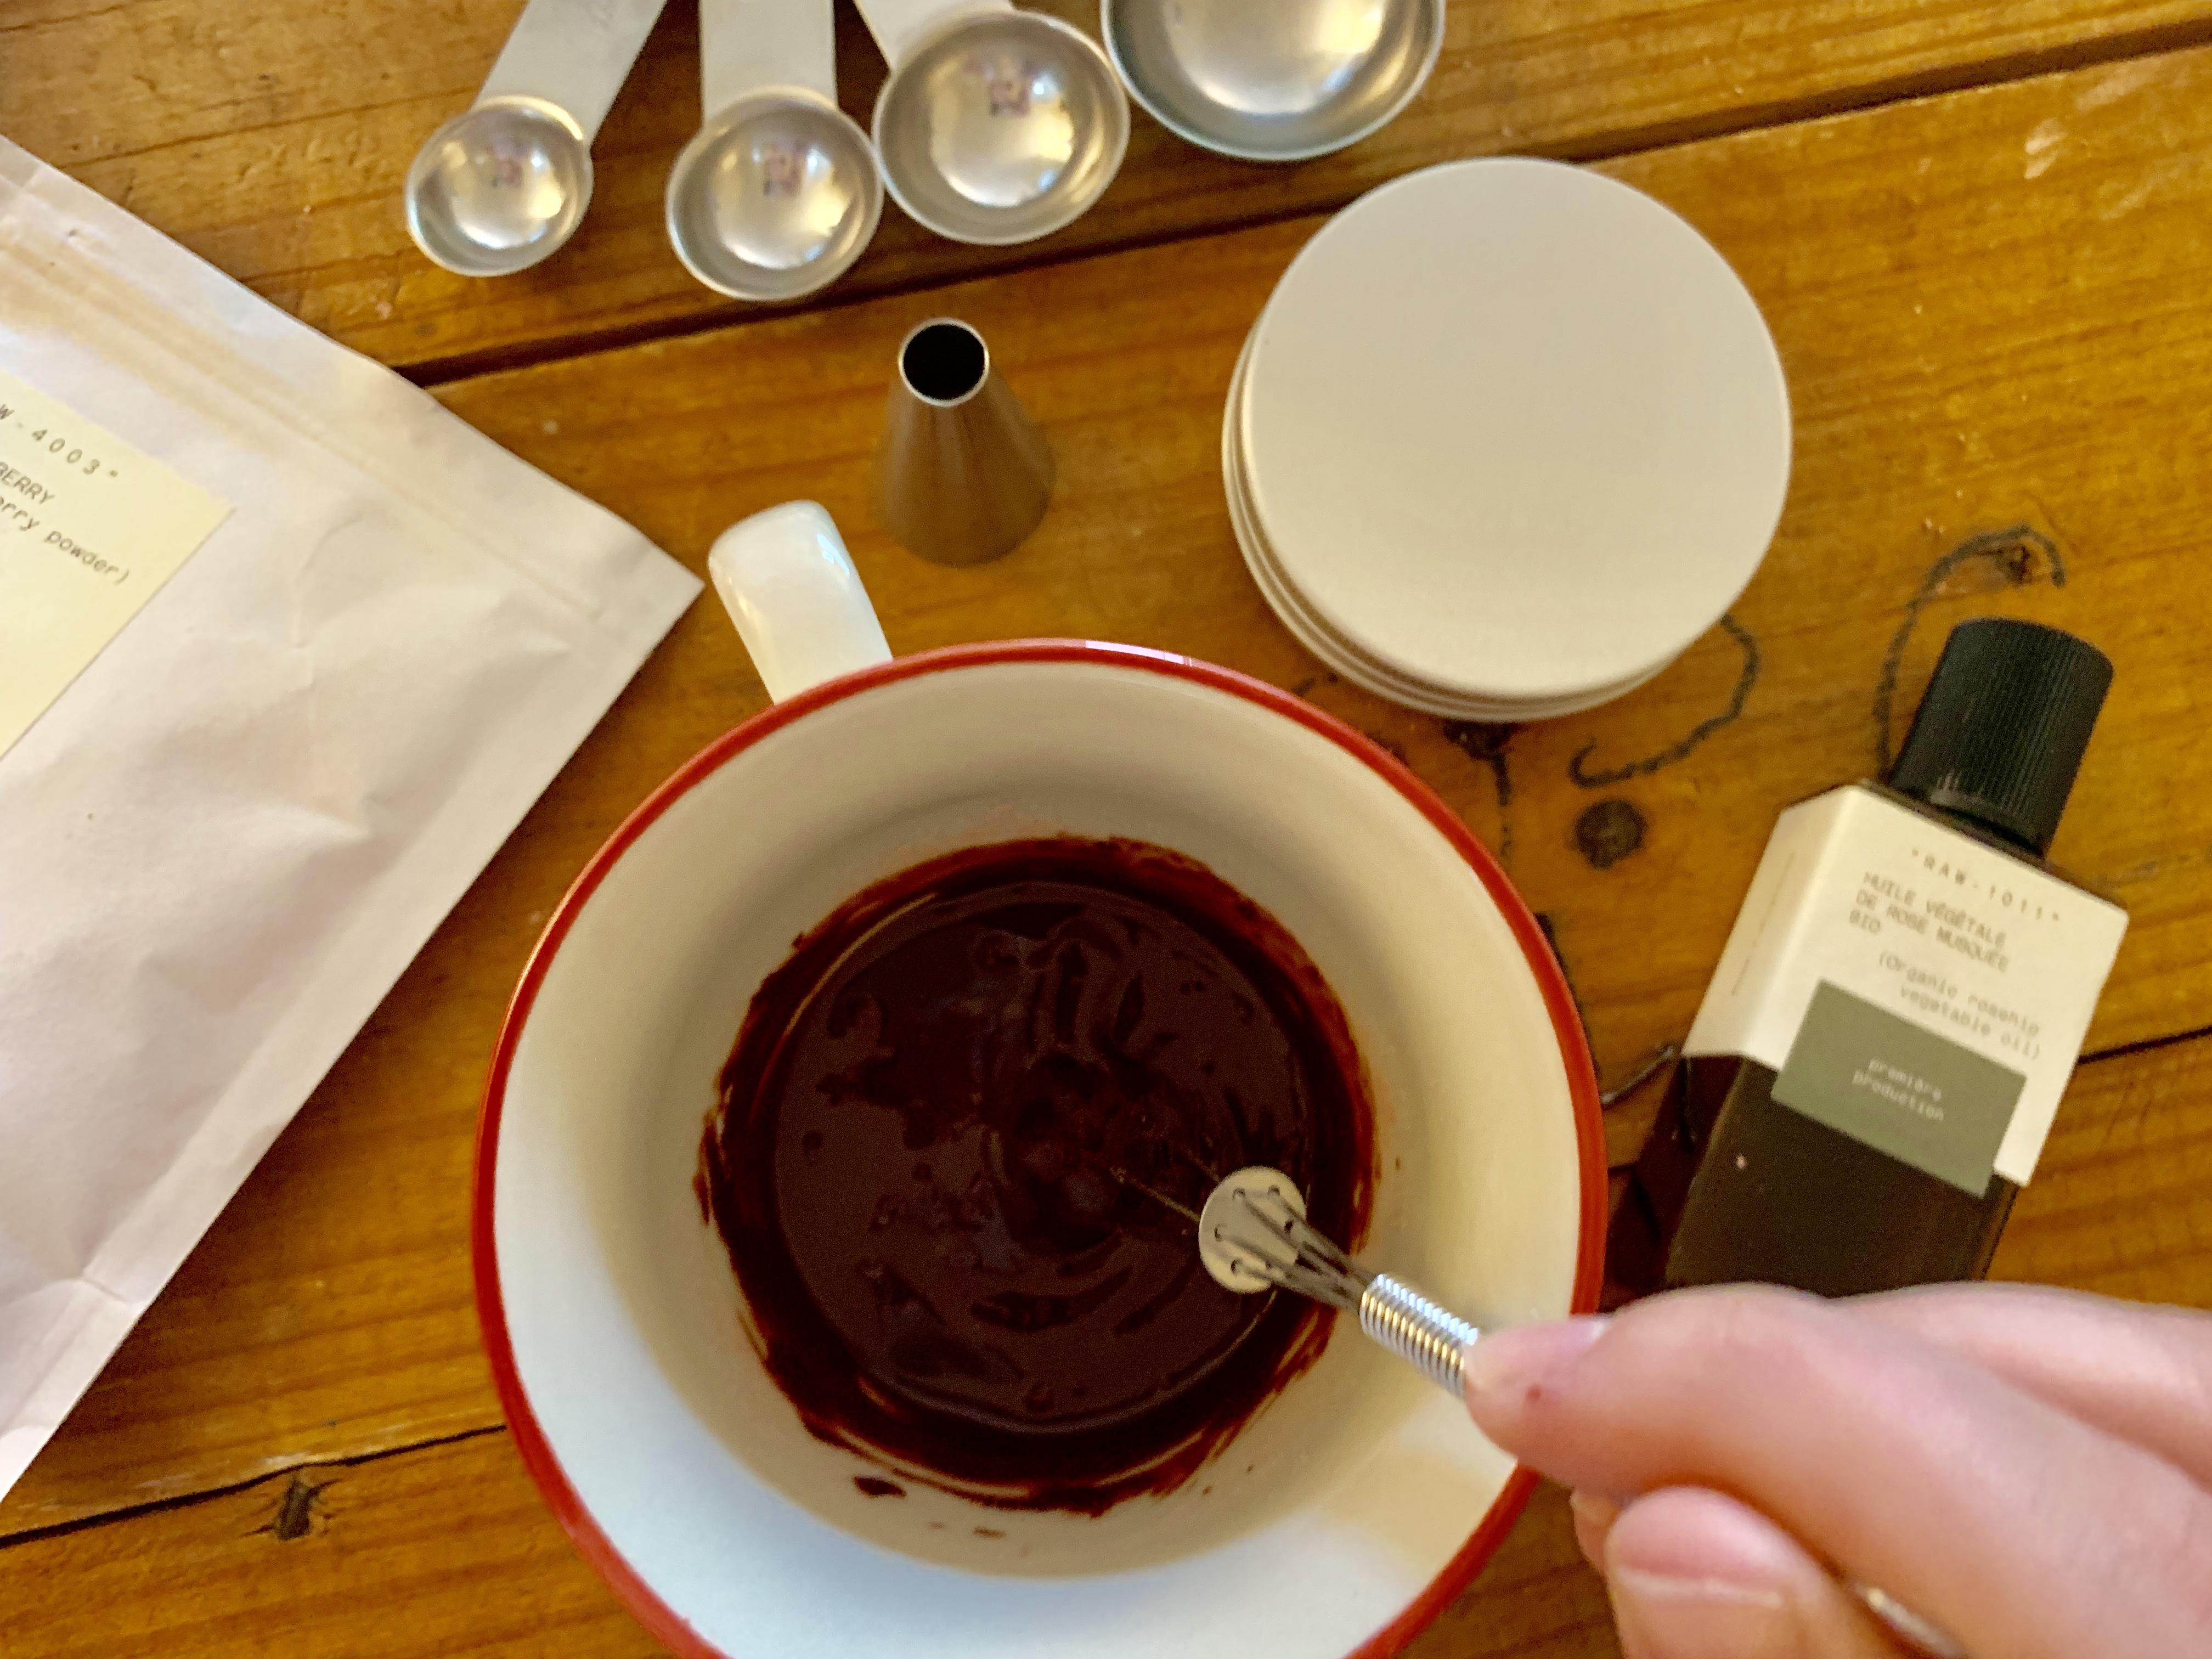 Réalisation de la recette de masque anti-oxydant Typology.